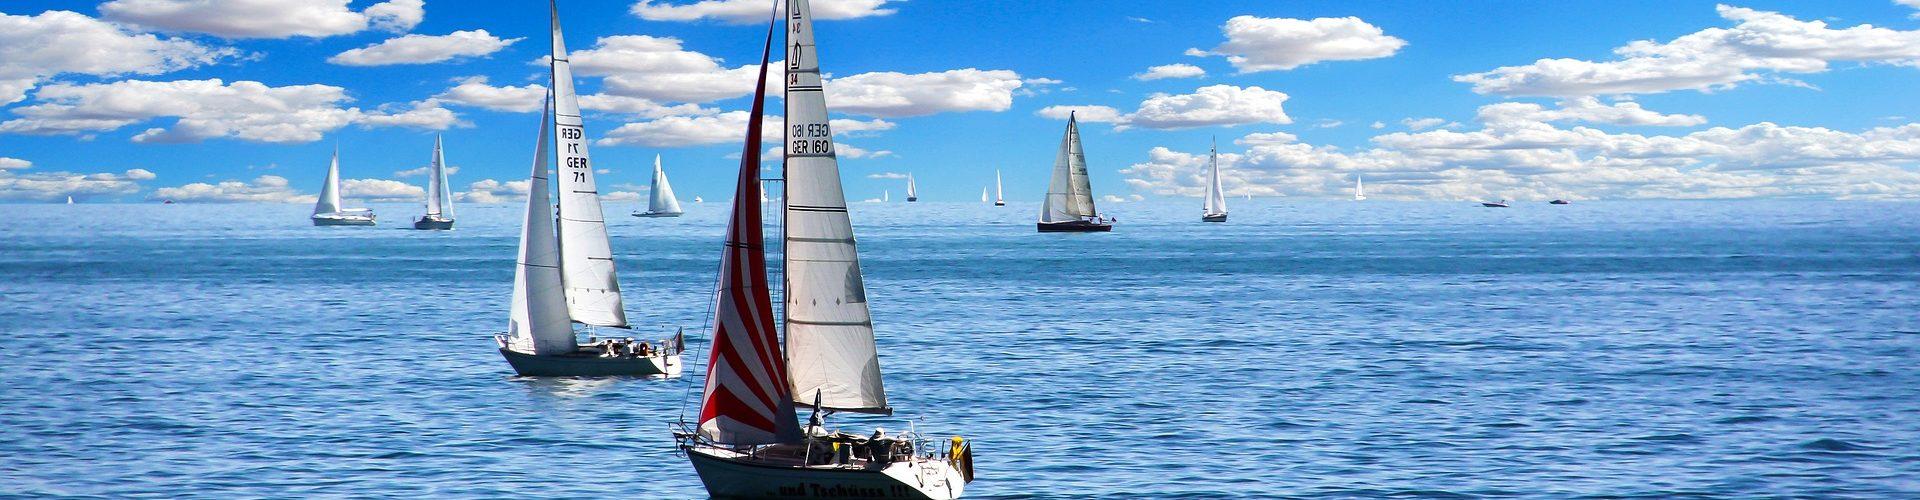 segeln lernen in Rerik segelschein machen in Rerik 1920x500 - Segeln lernen in Rerik